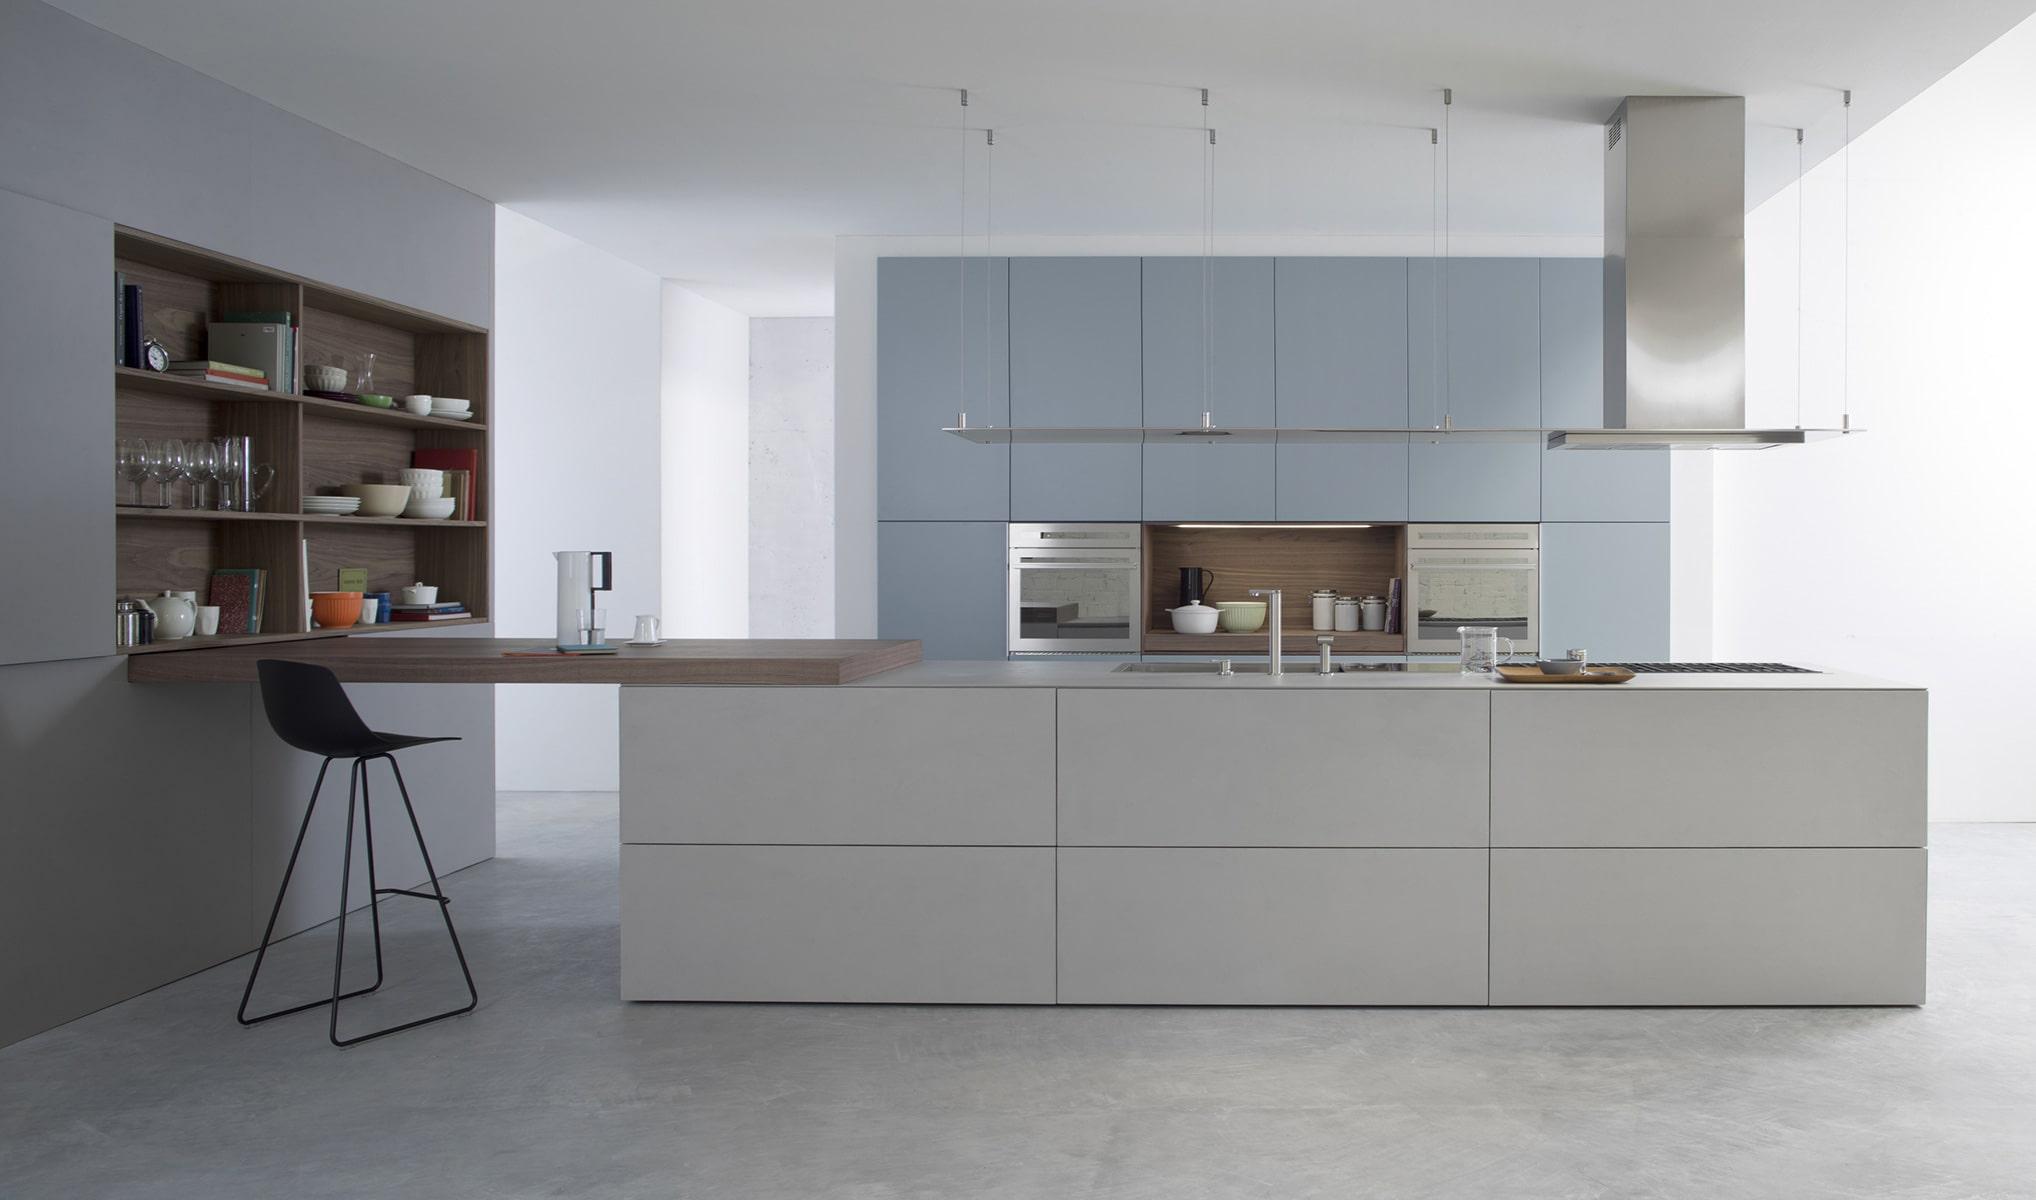 idee per rifare la cucina